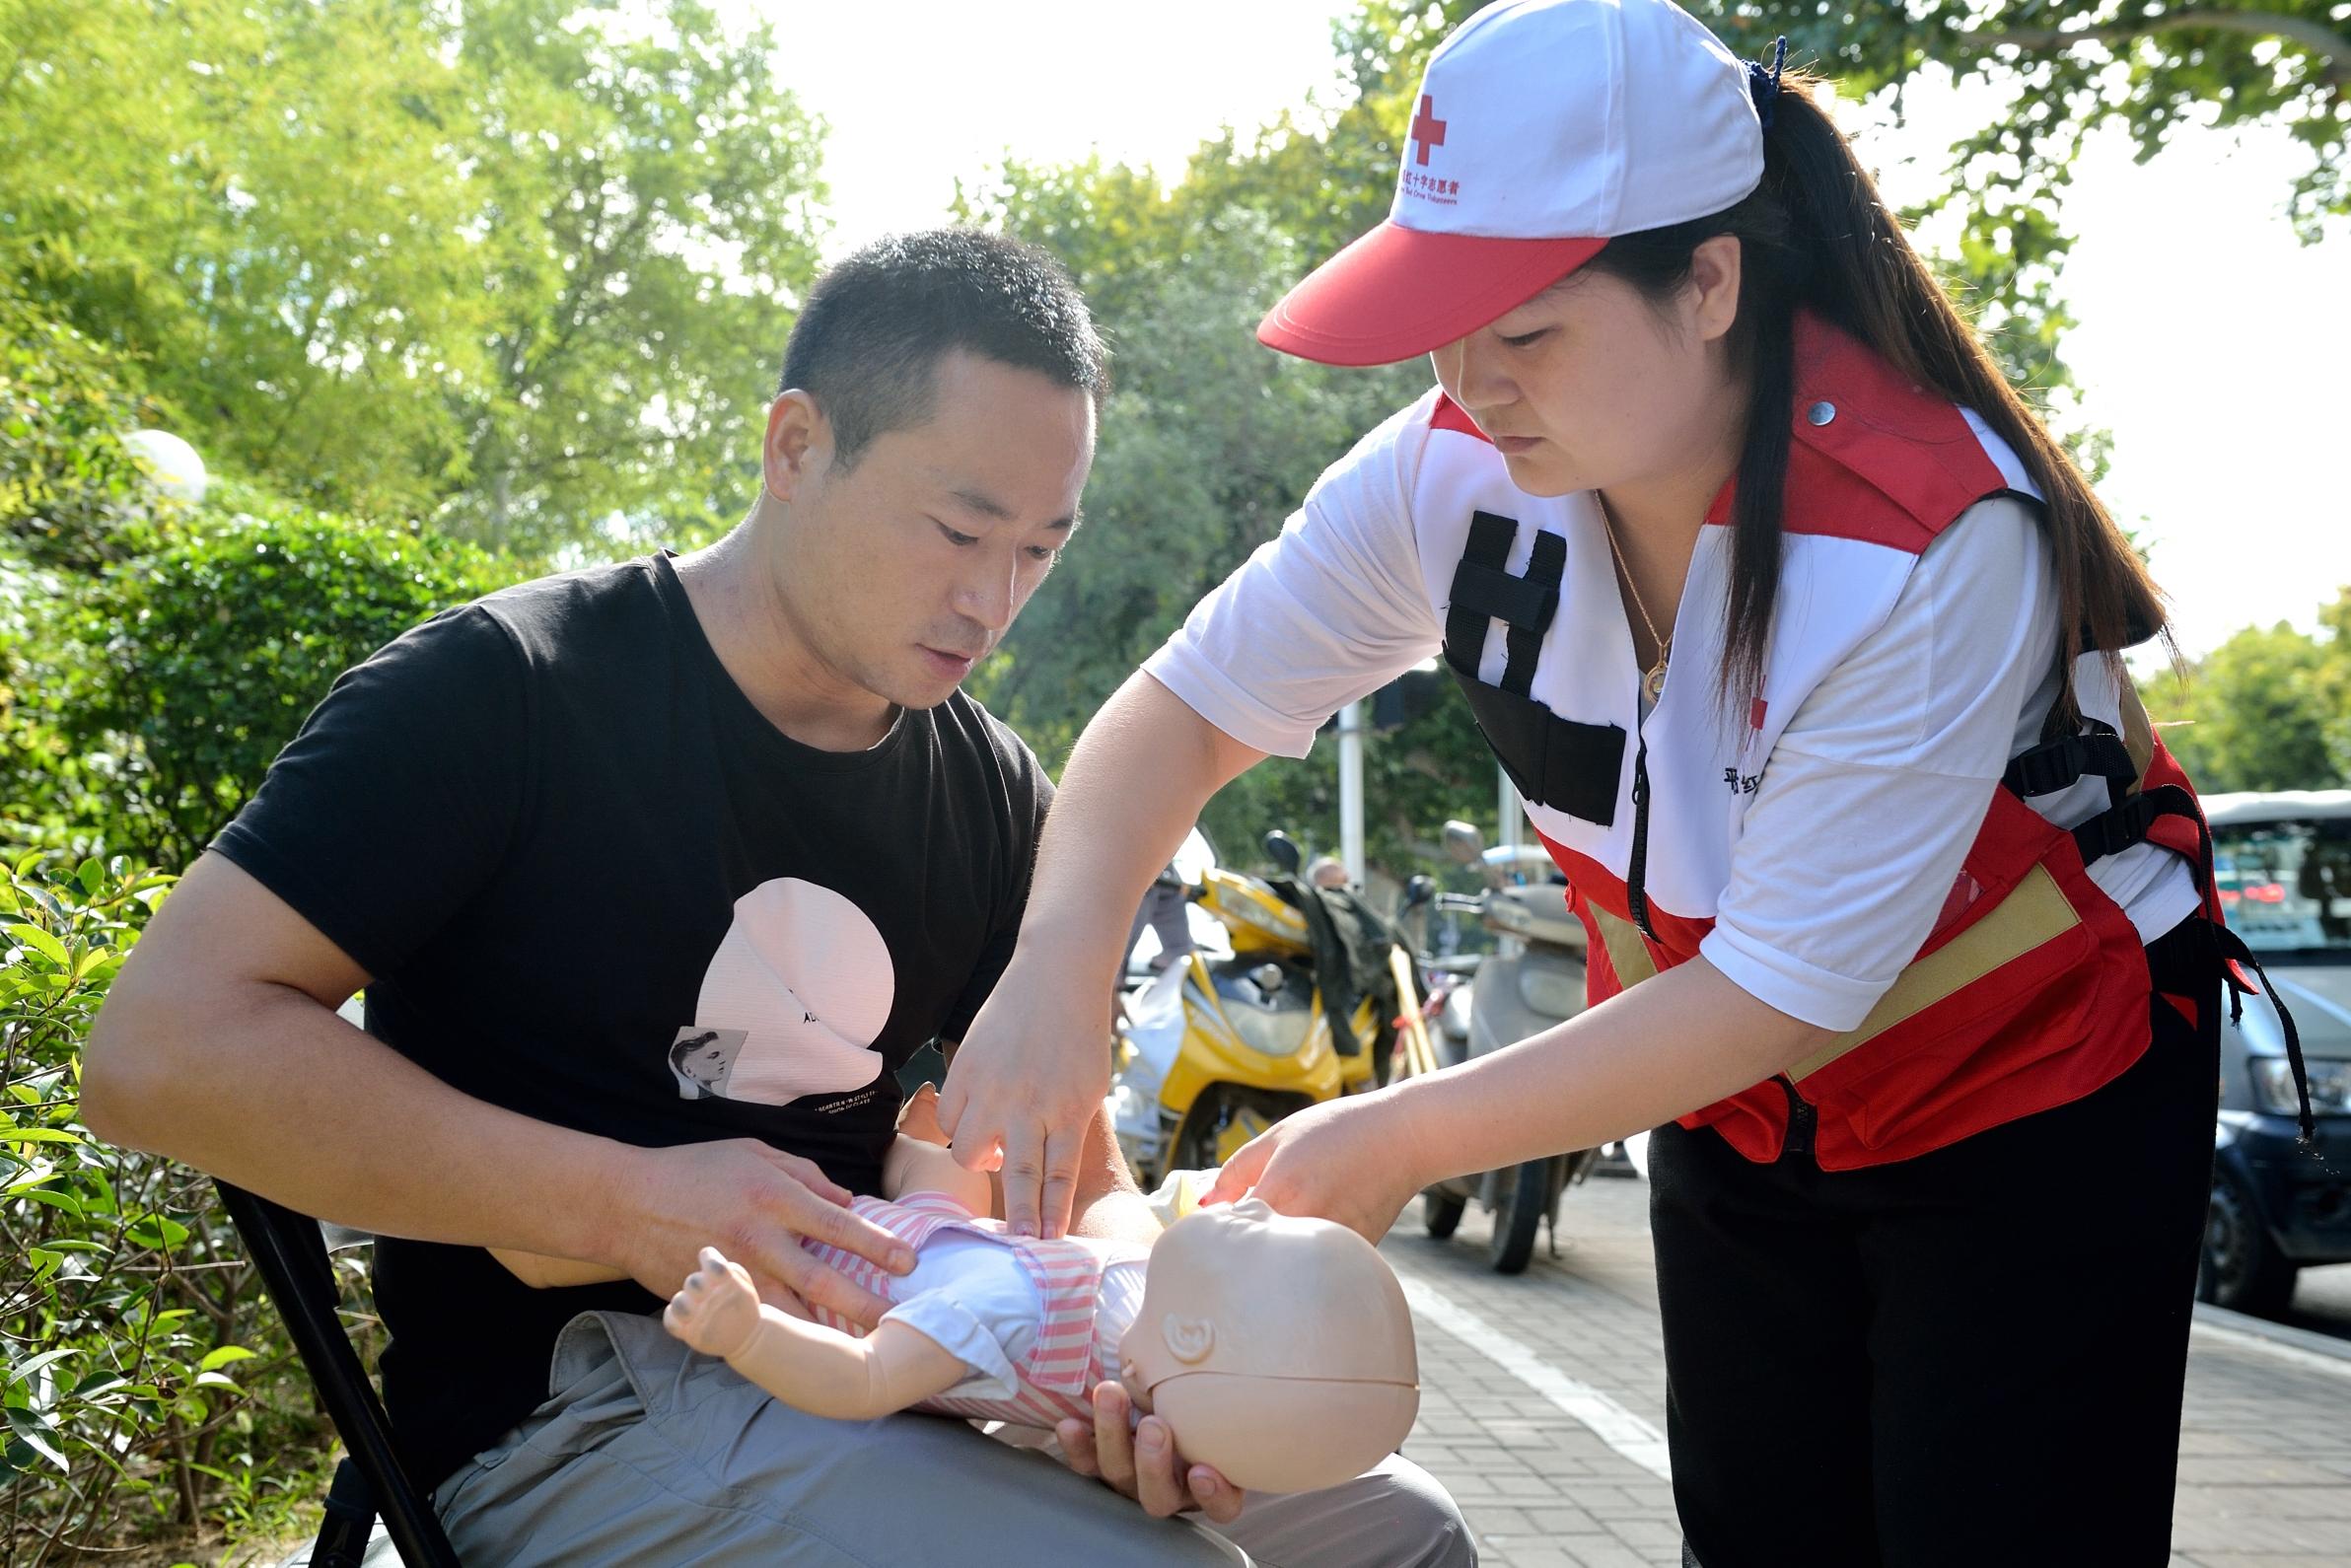 北京赛车手机app安卓版:平顶山市卫东区:红十字会志愿者走上街头进行应急救护知识宣传